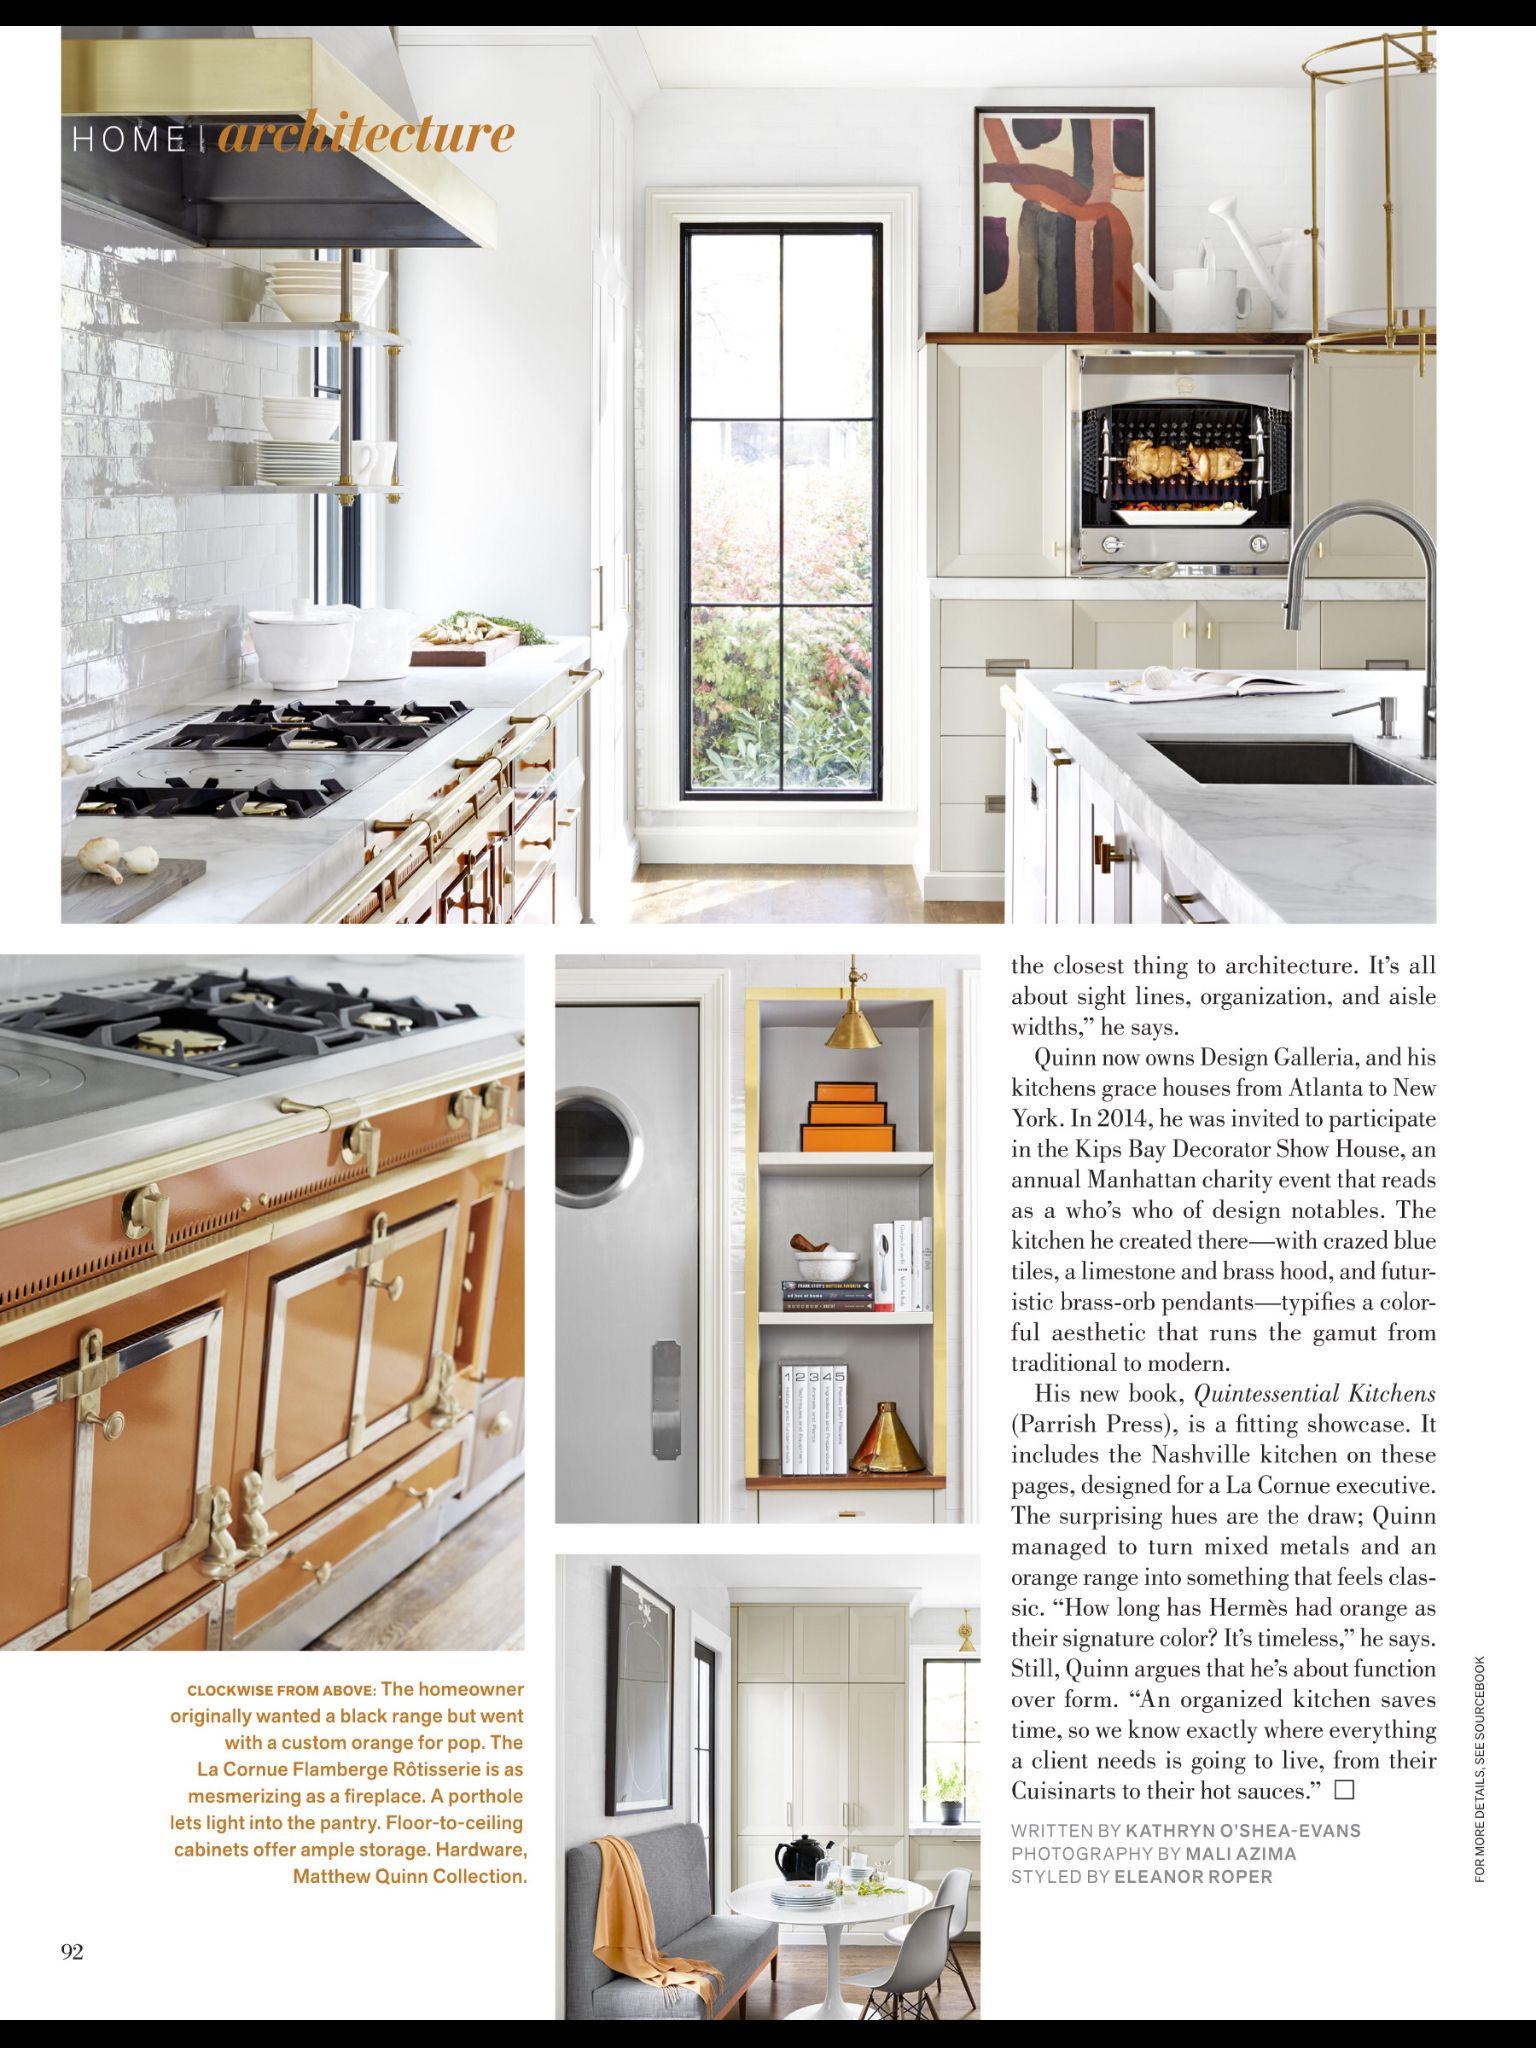 veranda magazine  design galleria  matthew quinn